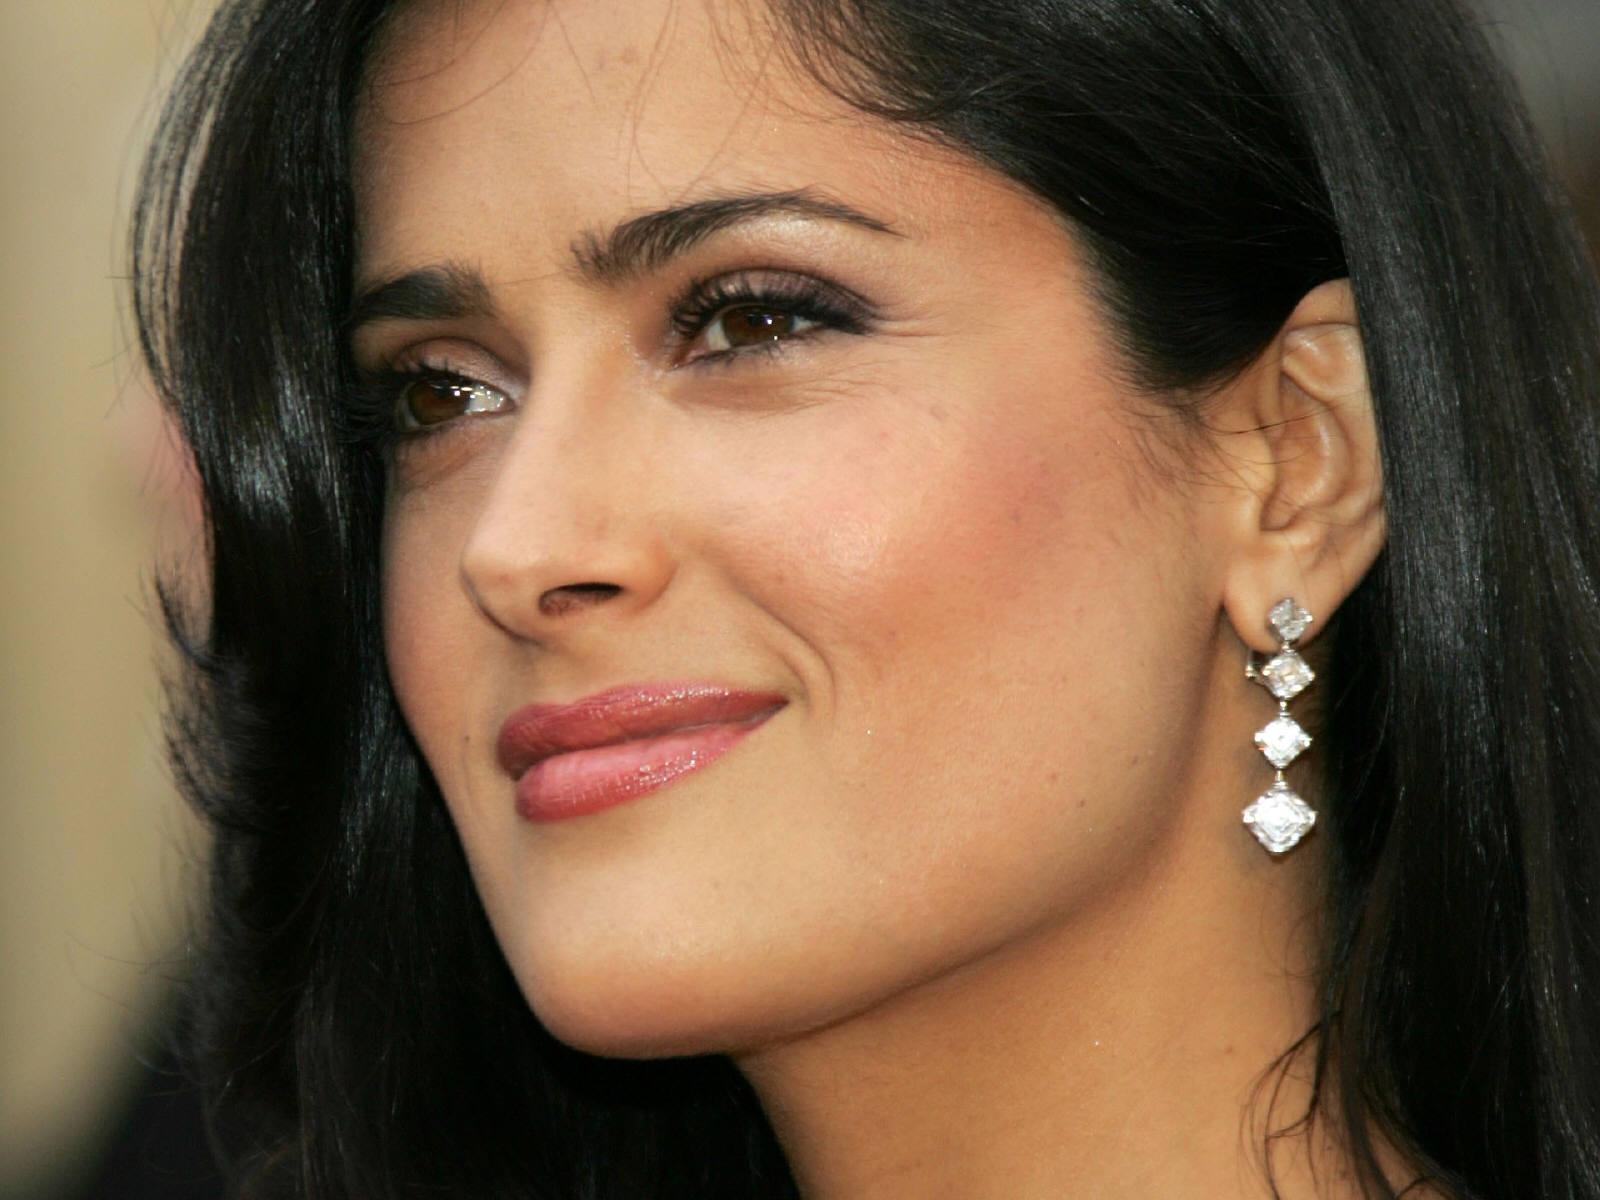 http://1.bp.blogspot.com/_Si7zjQmZnm4/Sy_lAdjax3I/AAAAAAAAGW8/EgJ4j4qCT9M/s1600/Fullwalls.blogspot.com_Salma_Hayek%284%29.jpg